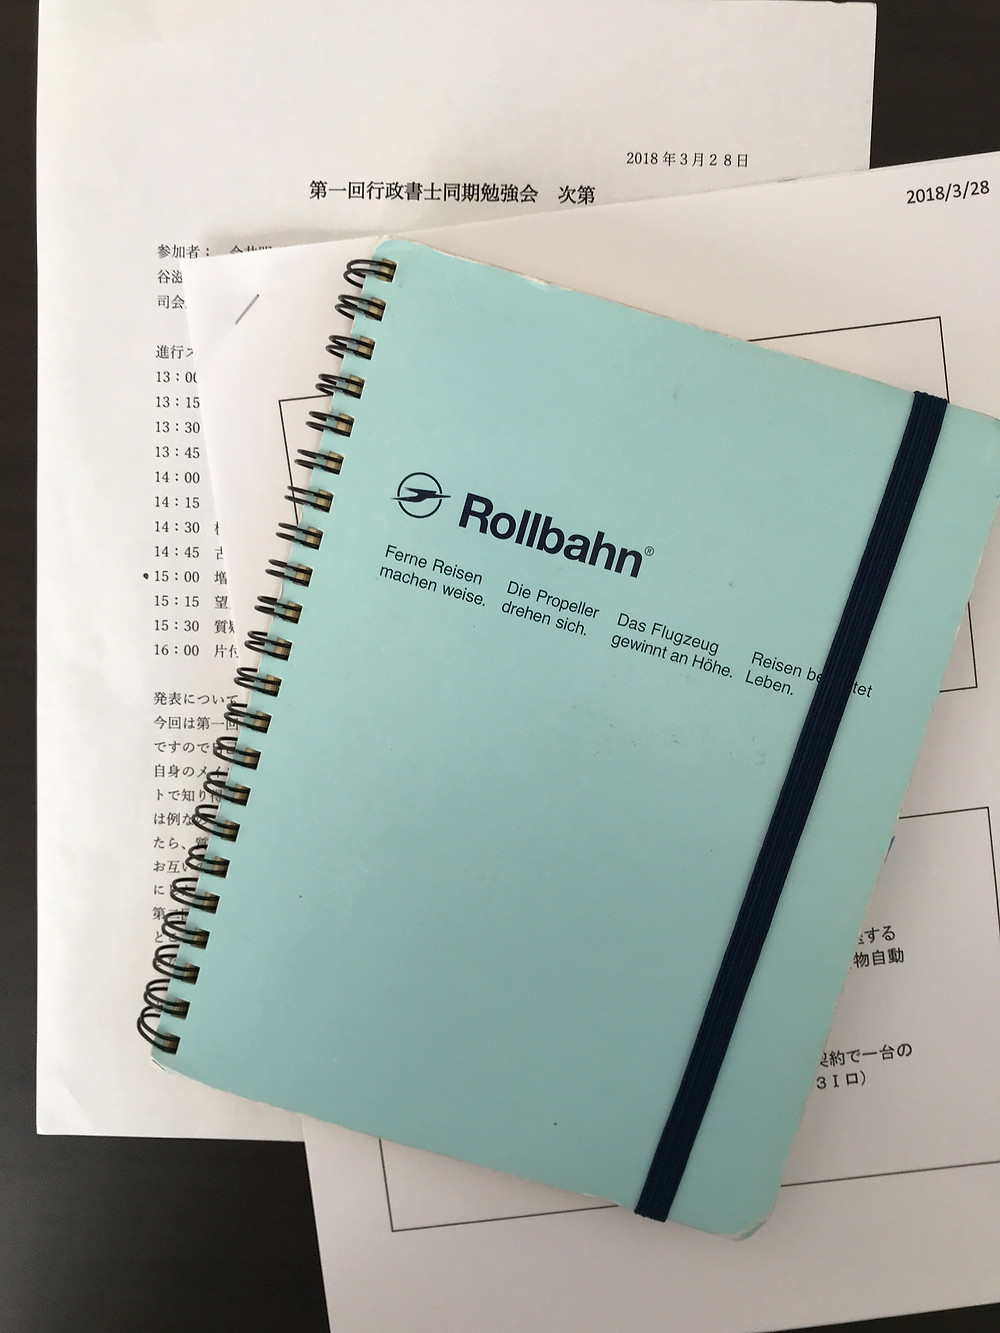 同期勉強会の進行表とお馴染みのRollbahn